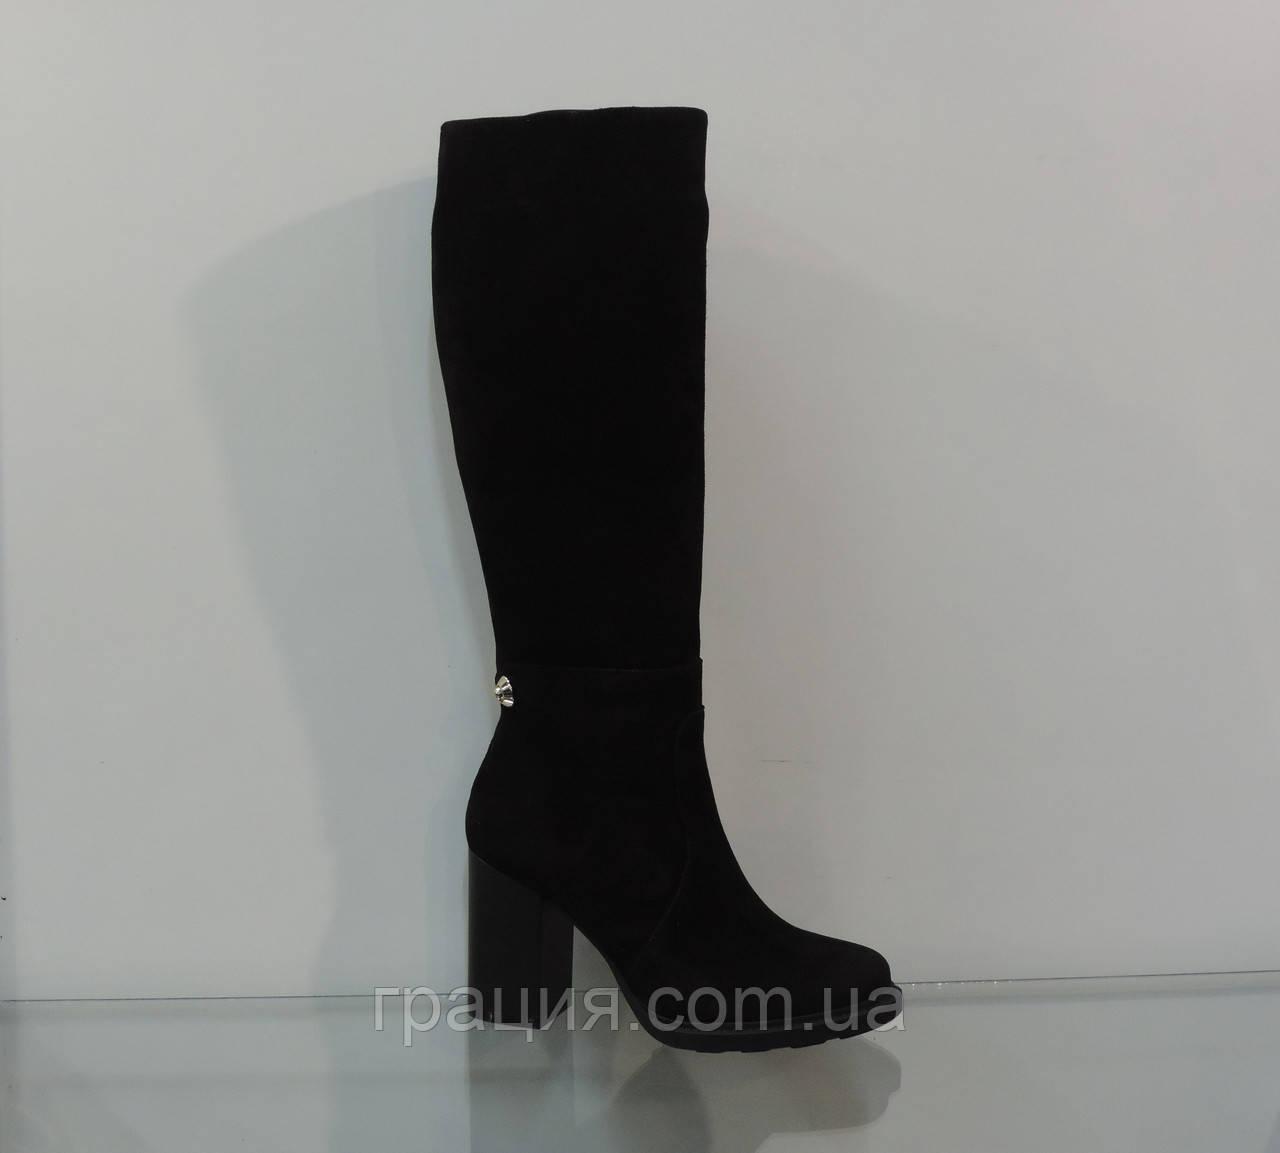 Элегантные женские замшевые зимние сапожки на каблуке